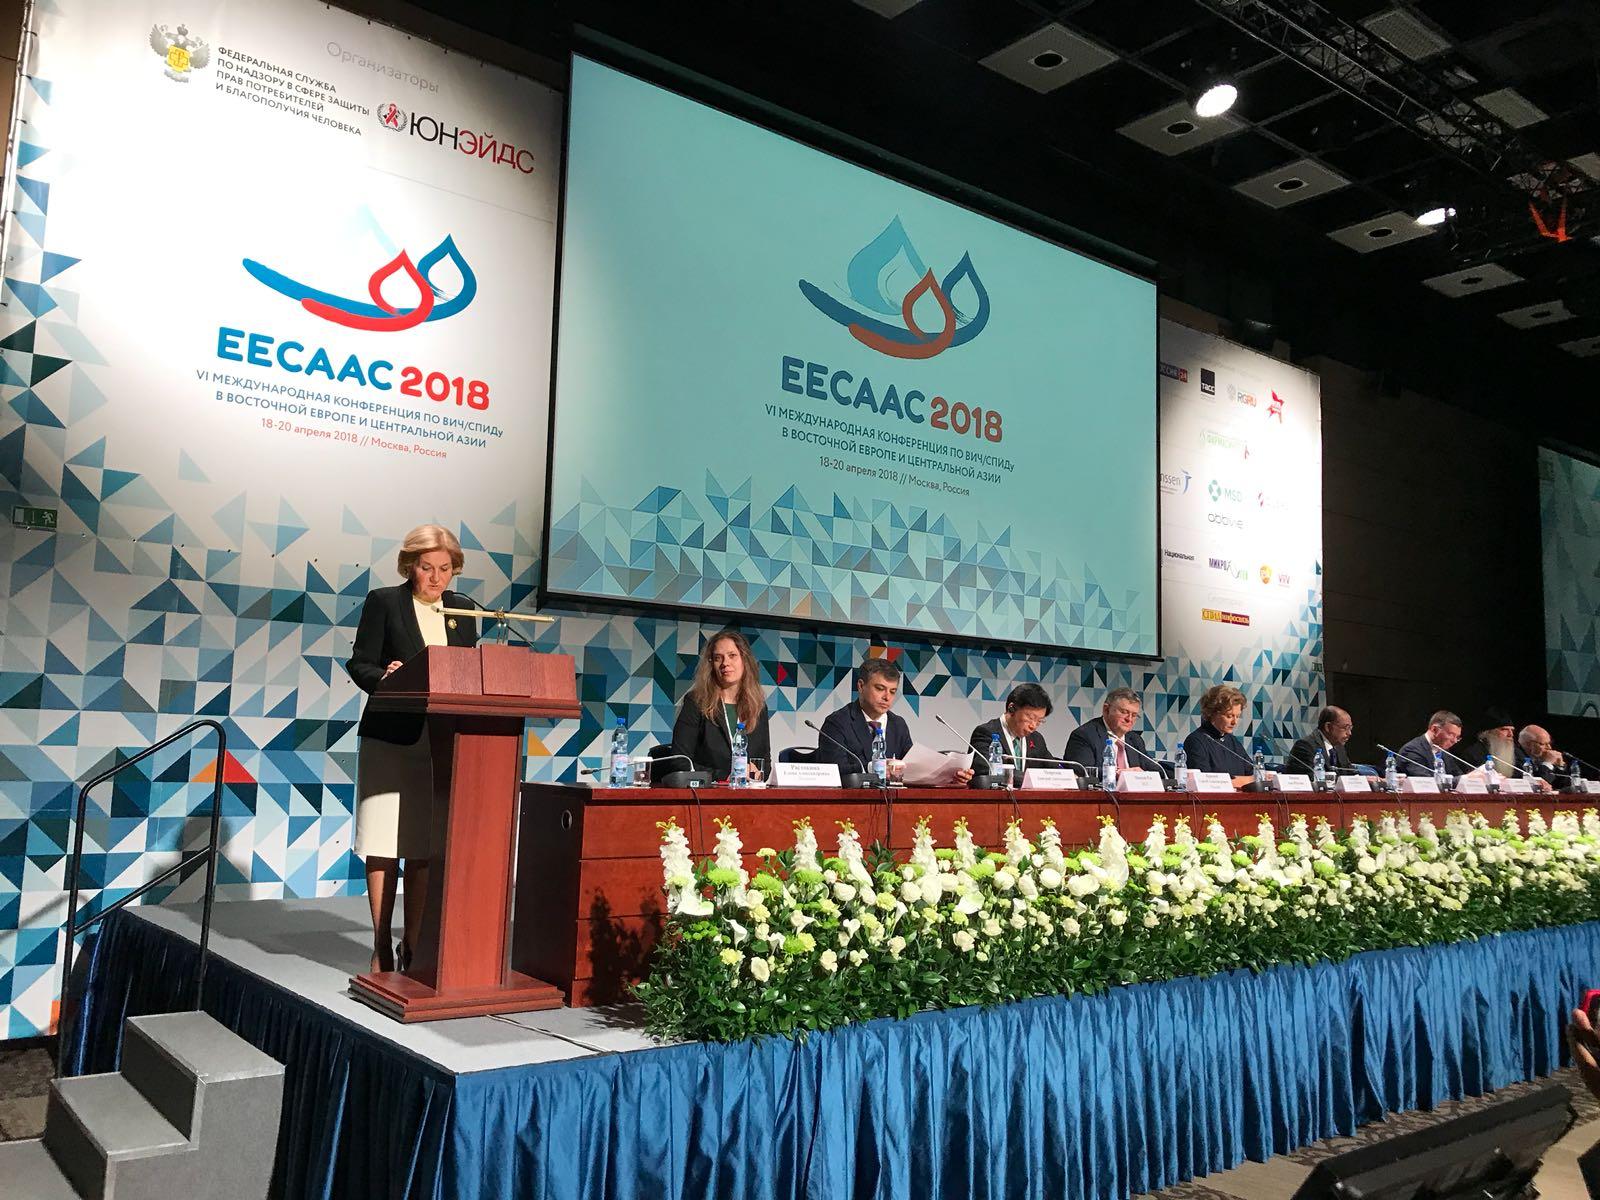 В Москве открылась VI Международная конференция по ВИЧ/СПИД в Восточной Европе и Центральной Азии - изображение 1